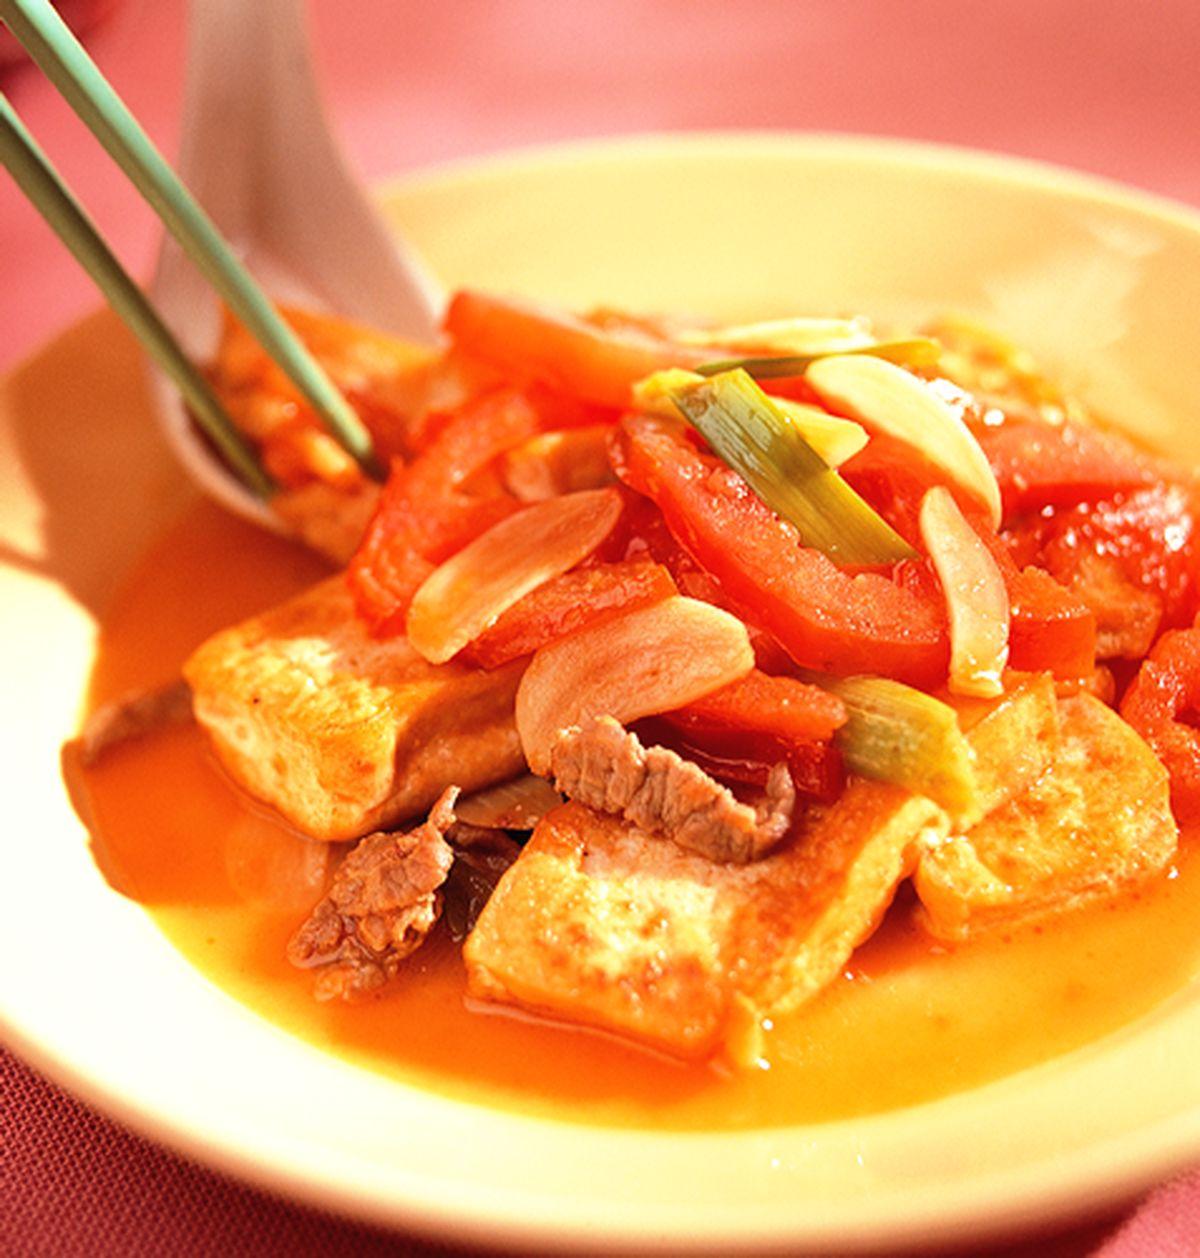 食譜:番茄燒豆腐